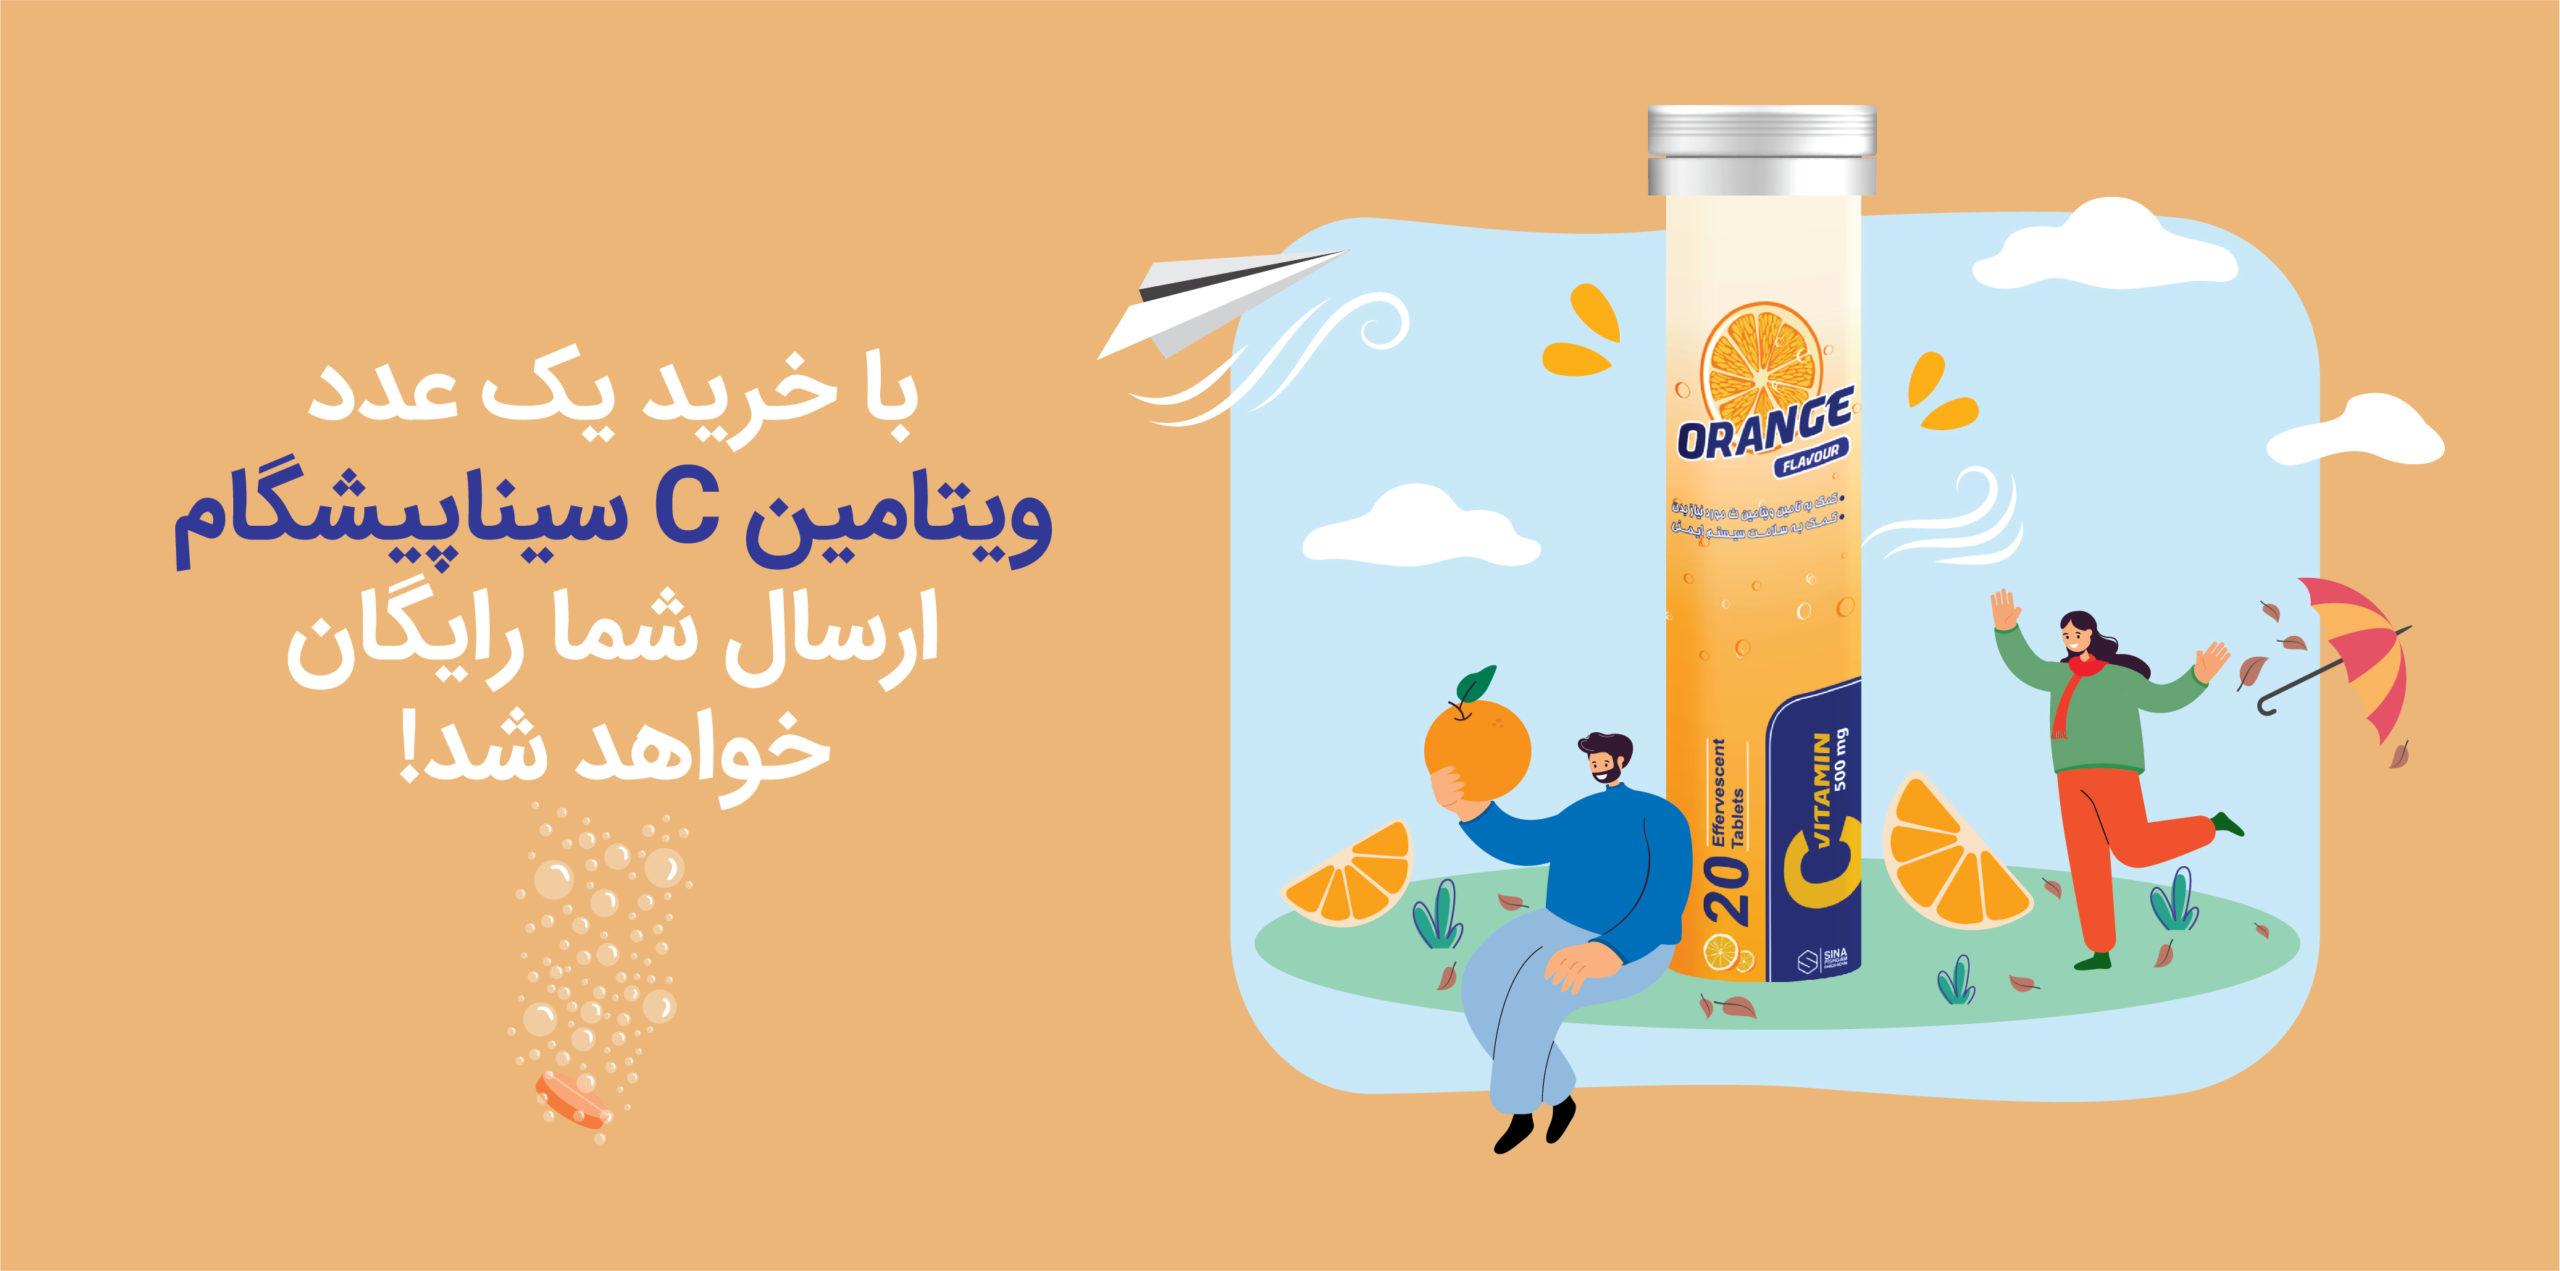 Daroochi-free-shipping-for-vitamin-C